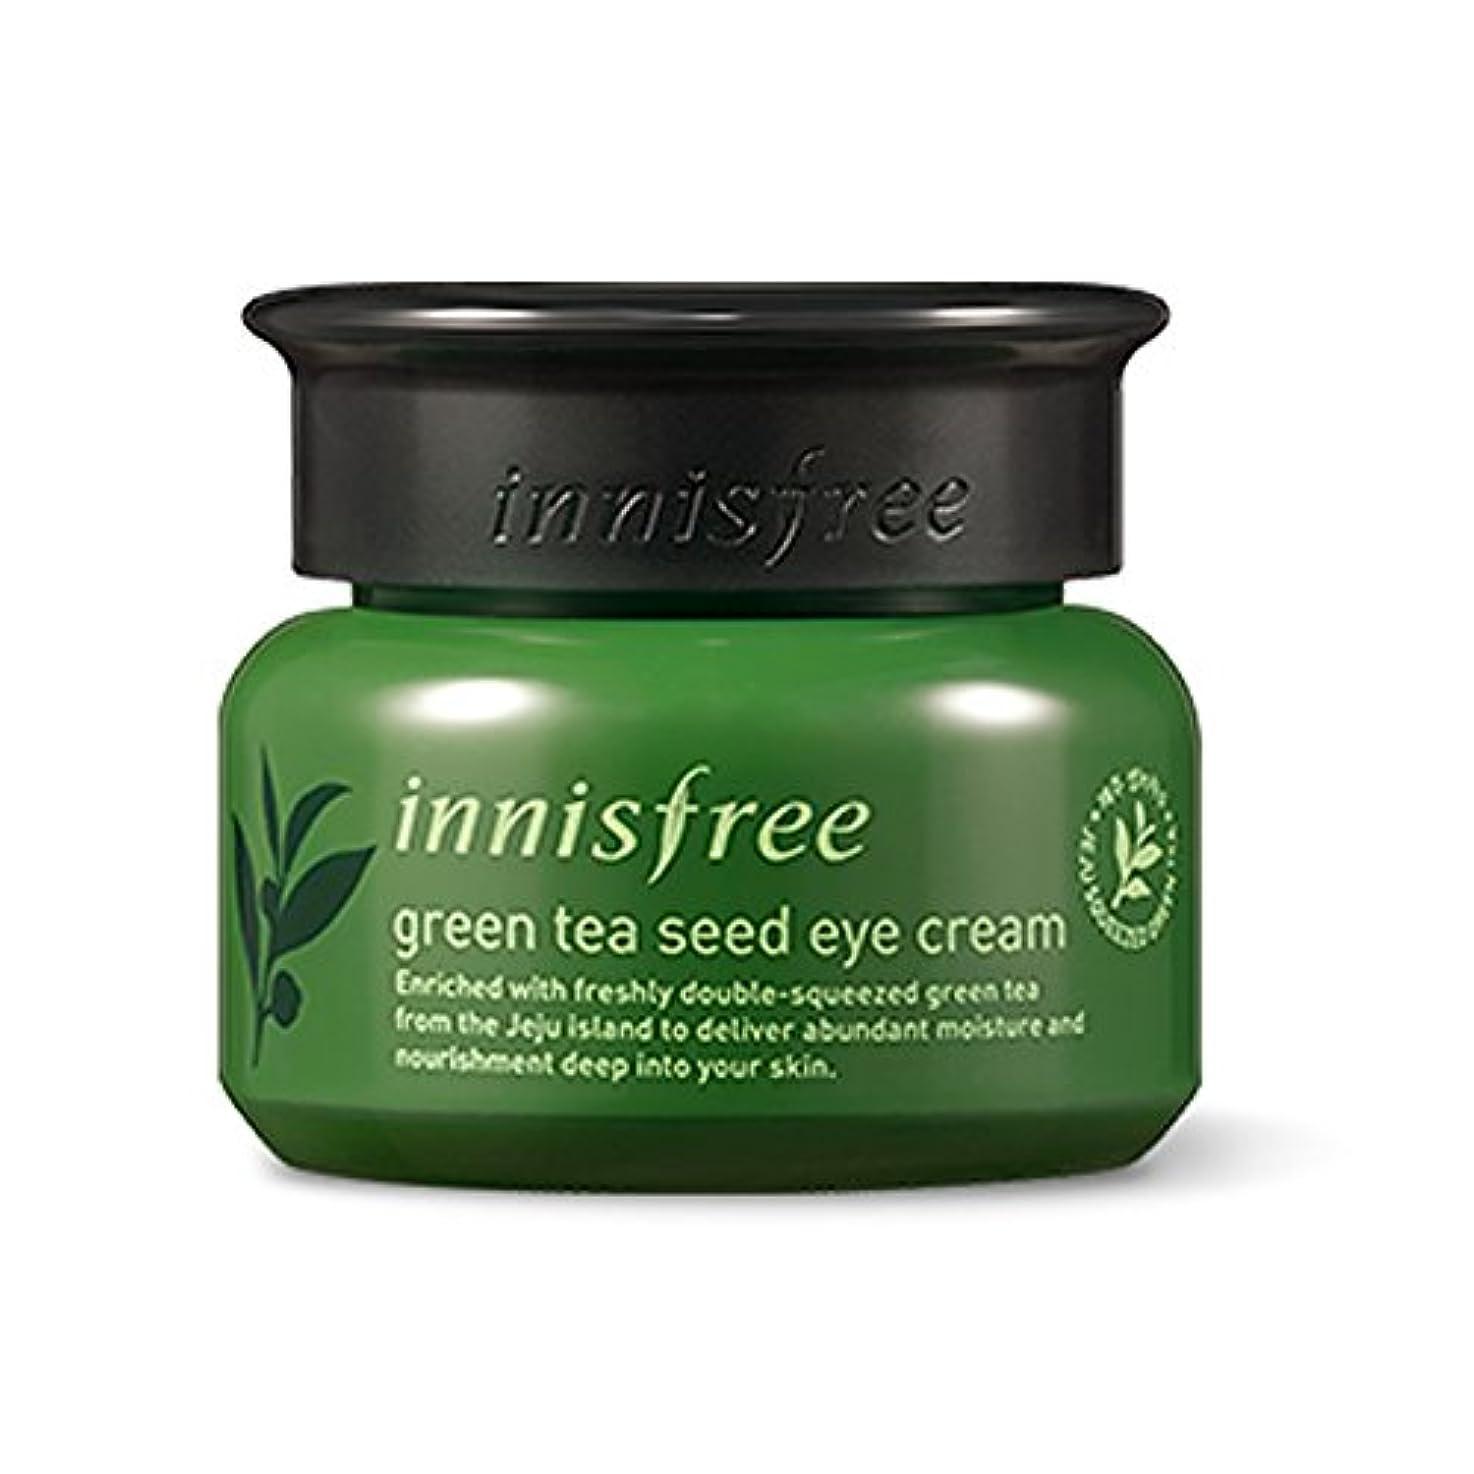 ナサニエル区モバイル年齢イニスフリーグリーンティーシードアイクリーム30ml Innisfree The Green Tea Seed Eye Cream 30ml [海外直送品][並行輸入品]